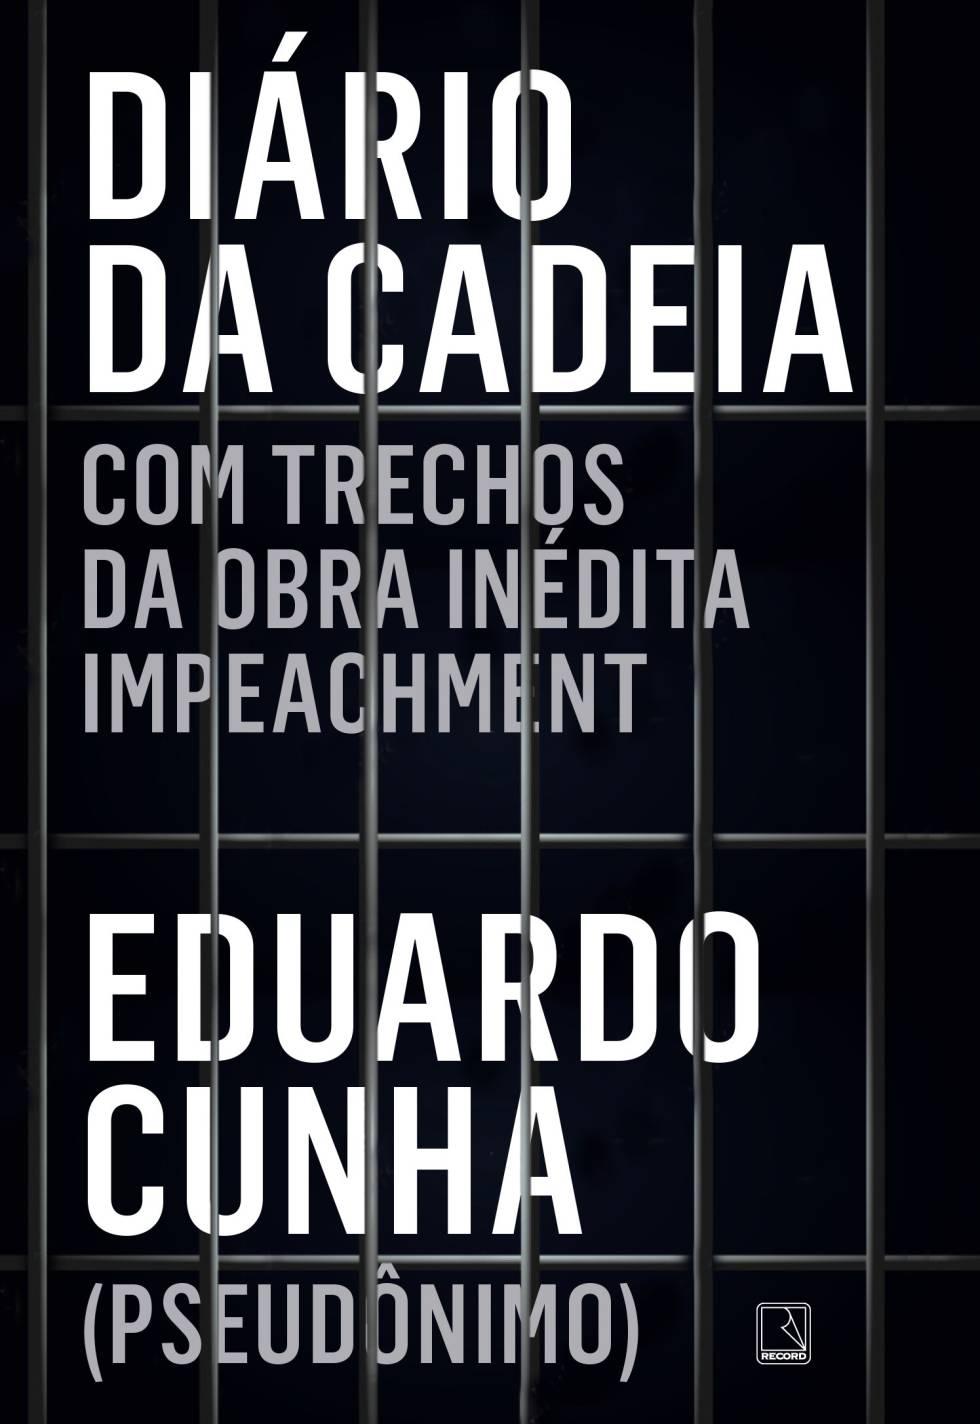 A capa do livro editado pela Record.